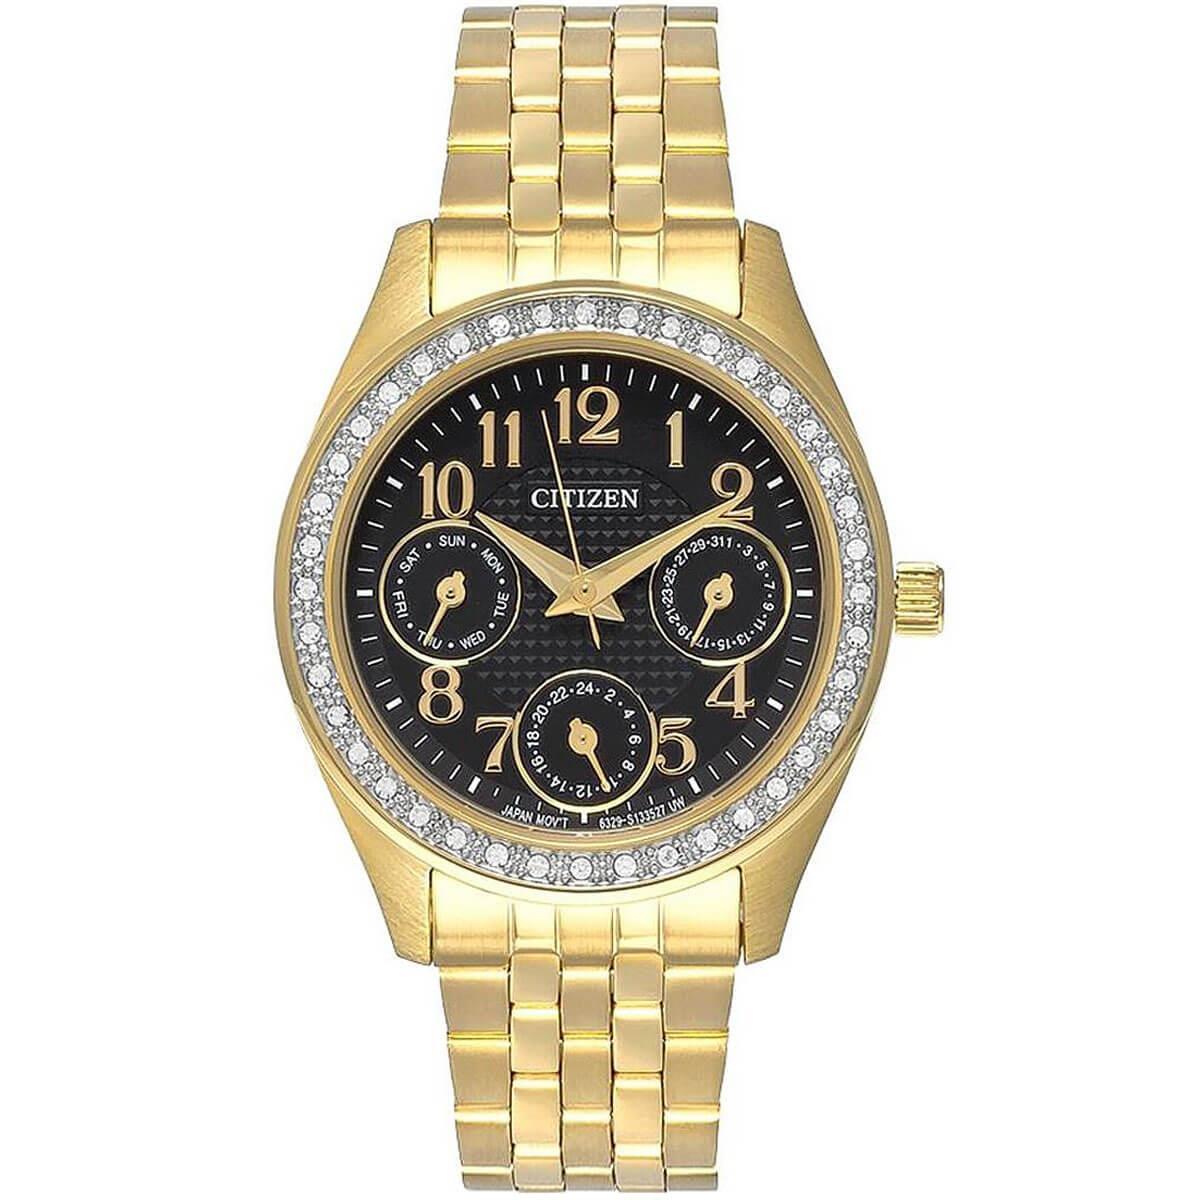 15e09efd5b3 Relógio Feminino Citizen Analógico TZ28388U Dourado